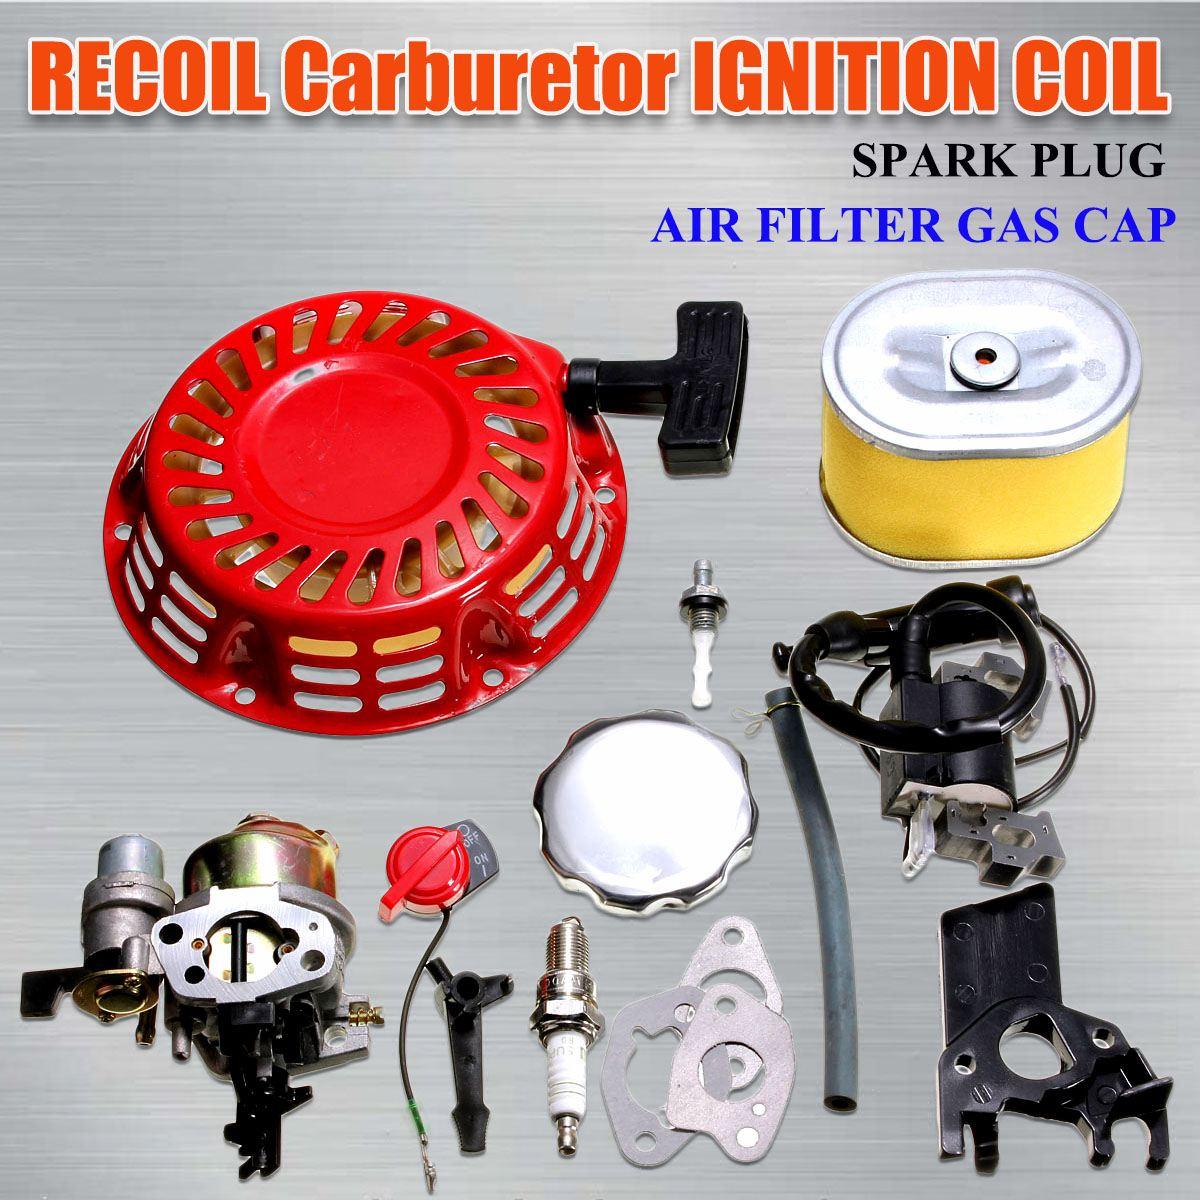 Carburador recoil starter bobina de ignição para spark plug filtro carburador carb para honda gx160 5.5hp motor kit